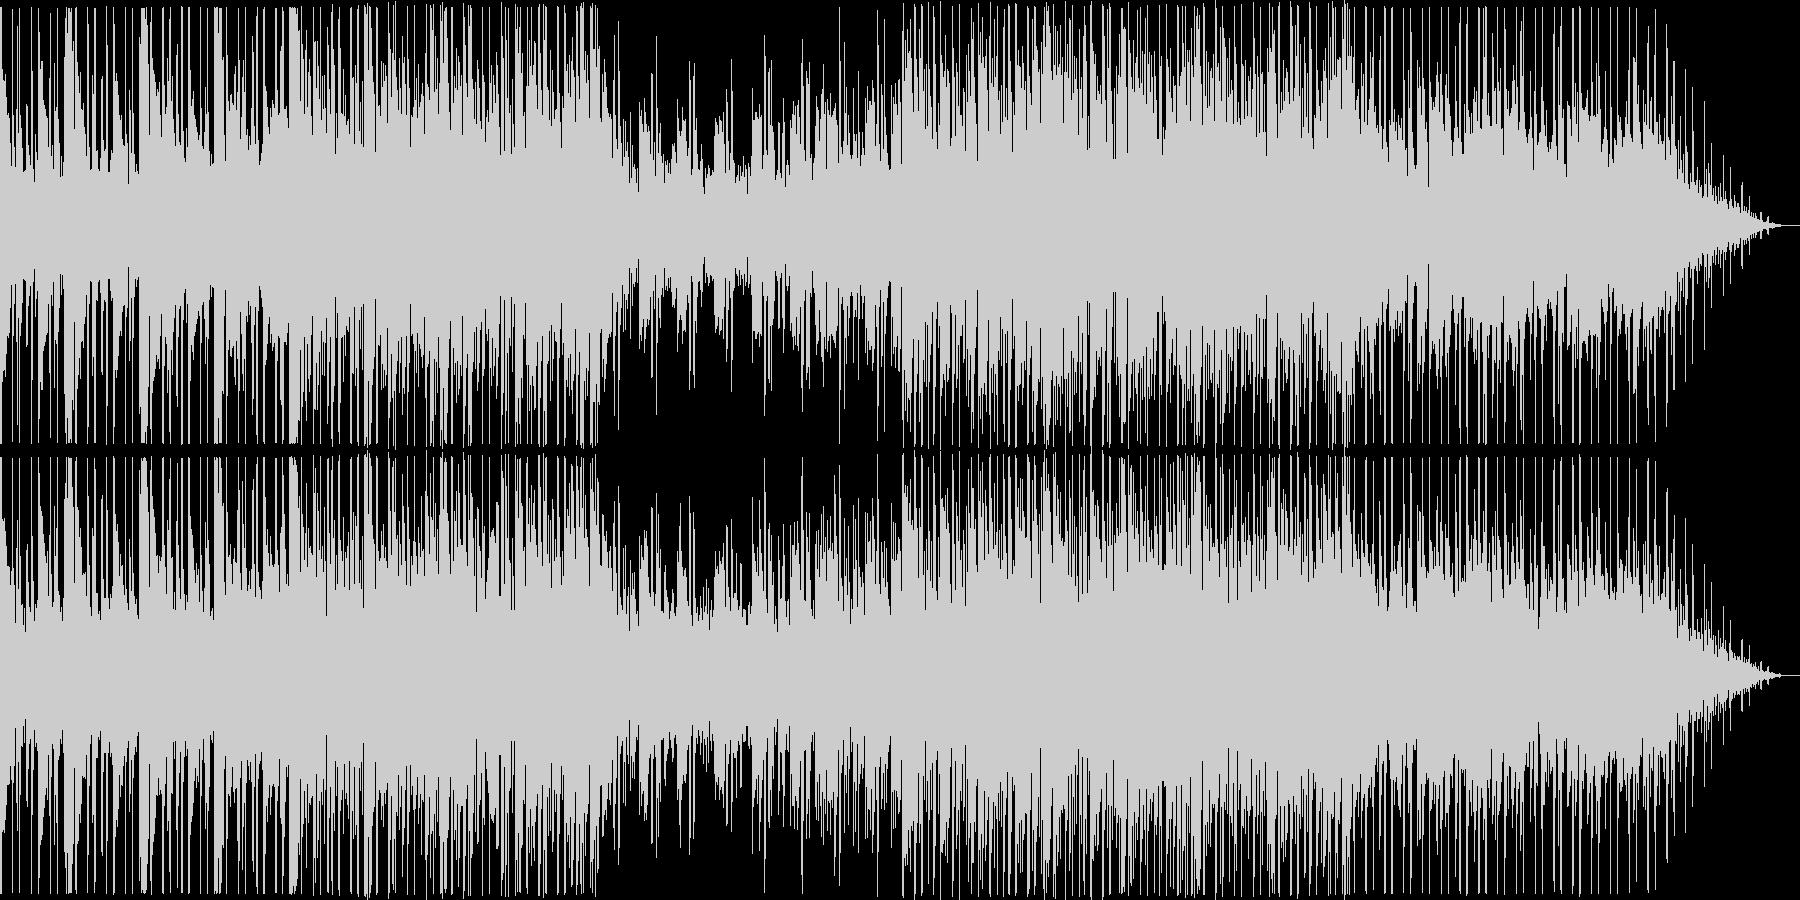 シンセ/落ち着いた曲調/おしゃれな雰囲気の未再生の波形